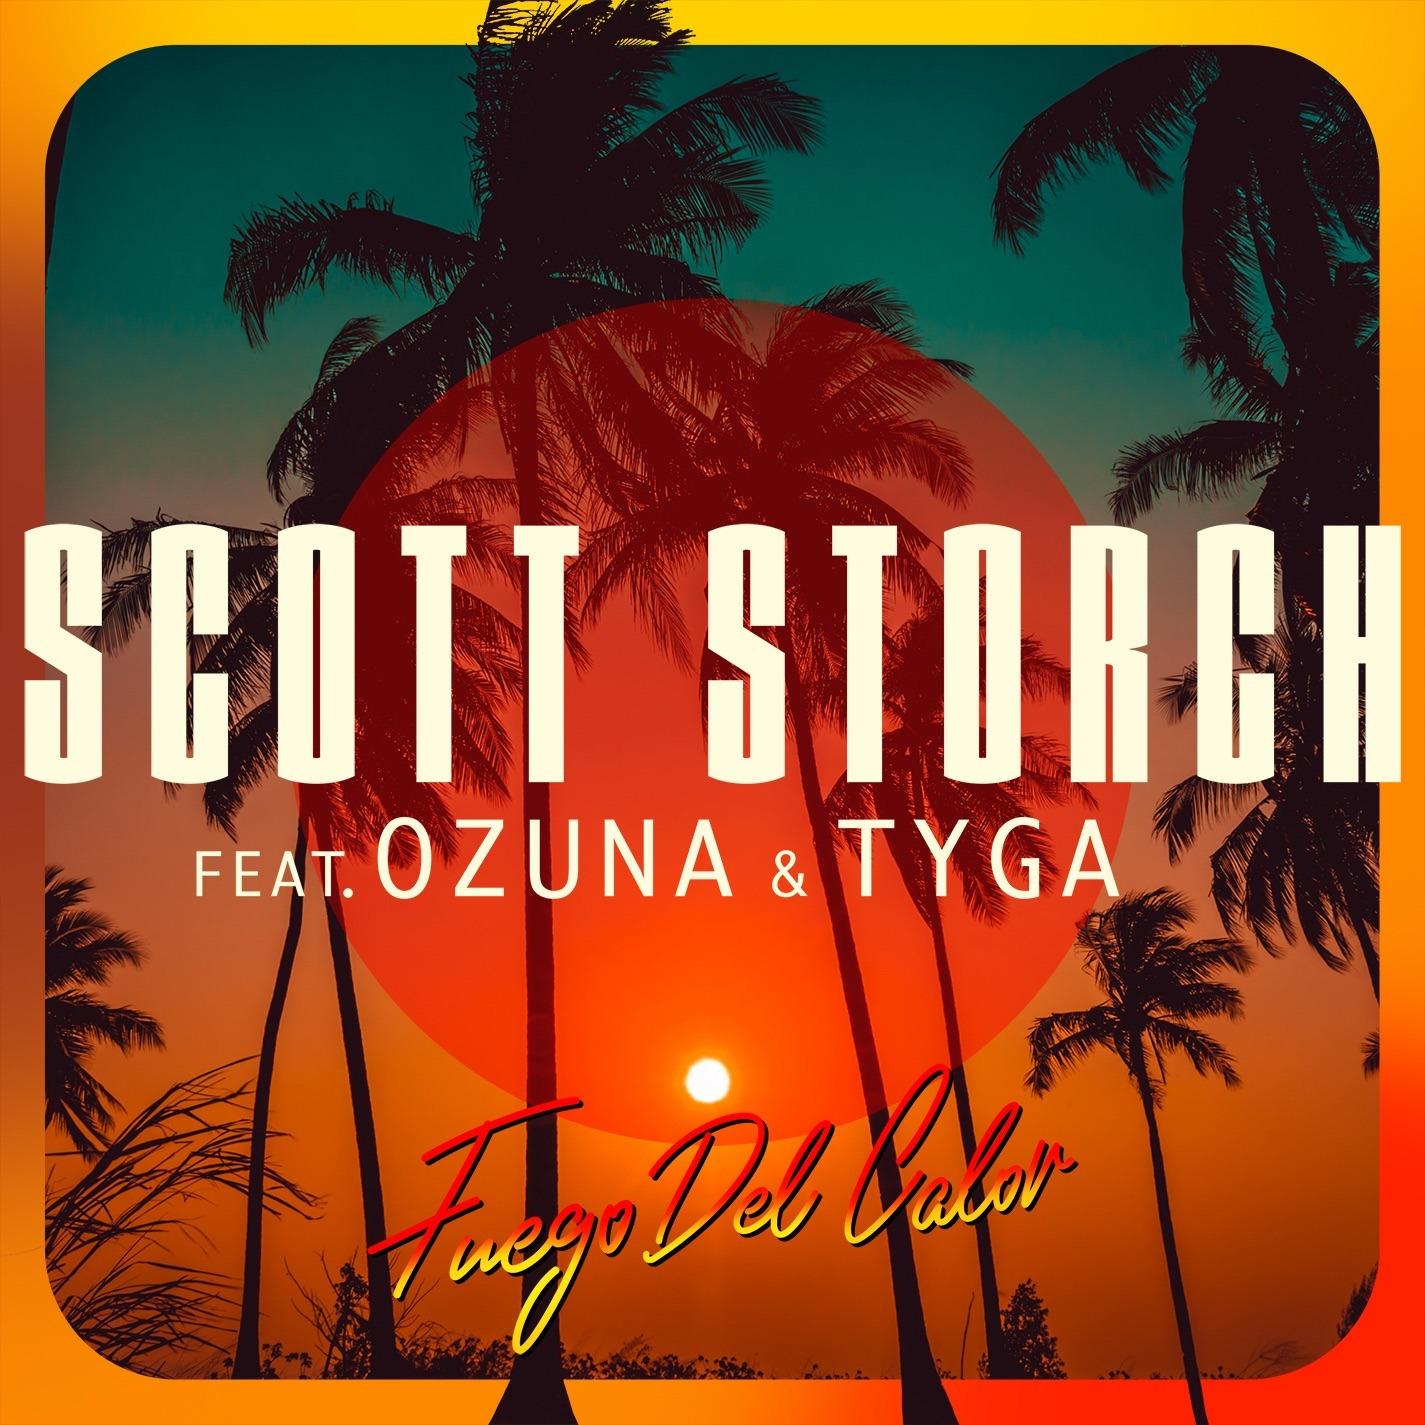 Scott Storch feat. Ozuna & Tyga - Fuego Del Calor